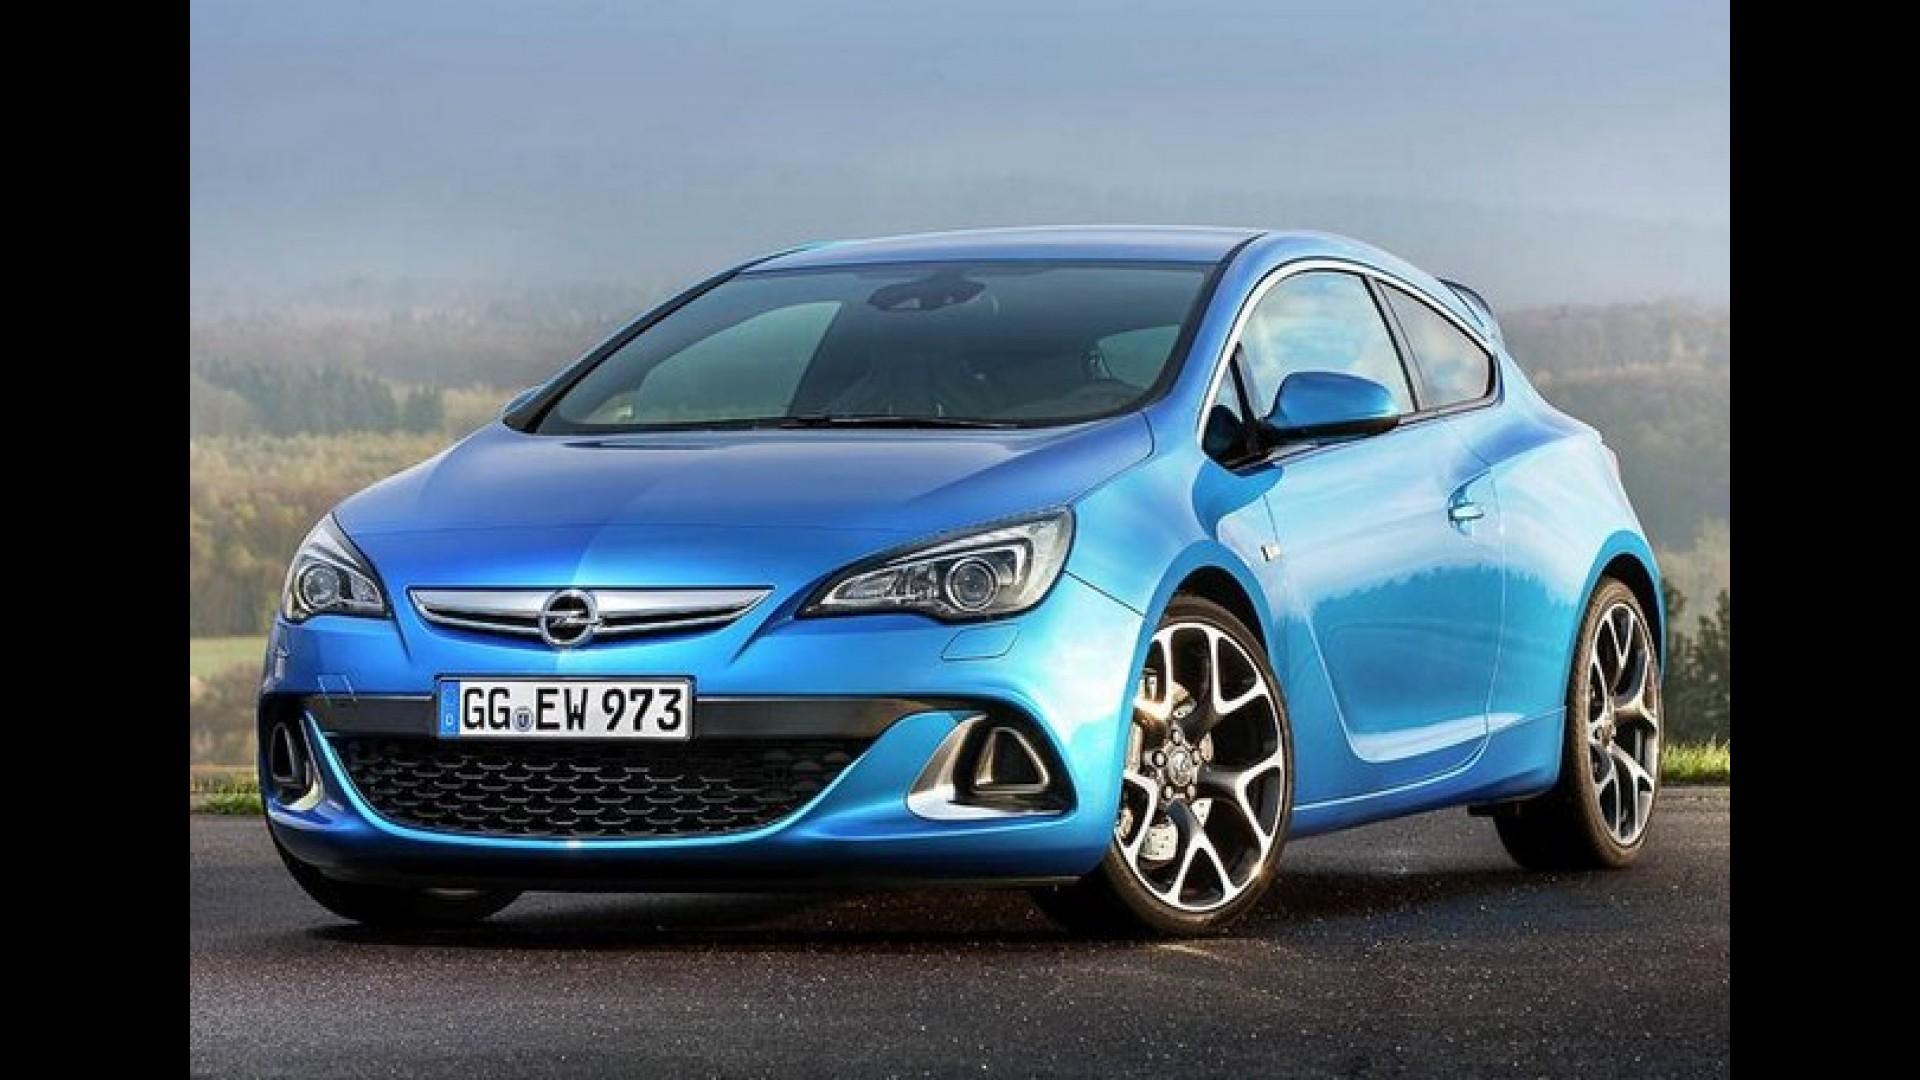 Opel Ja Aceita Encomendas Para O Novo Astra Opc De 280 Cv Na Alemanha